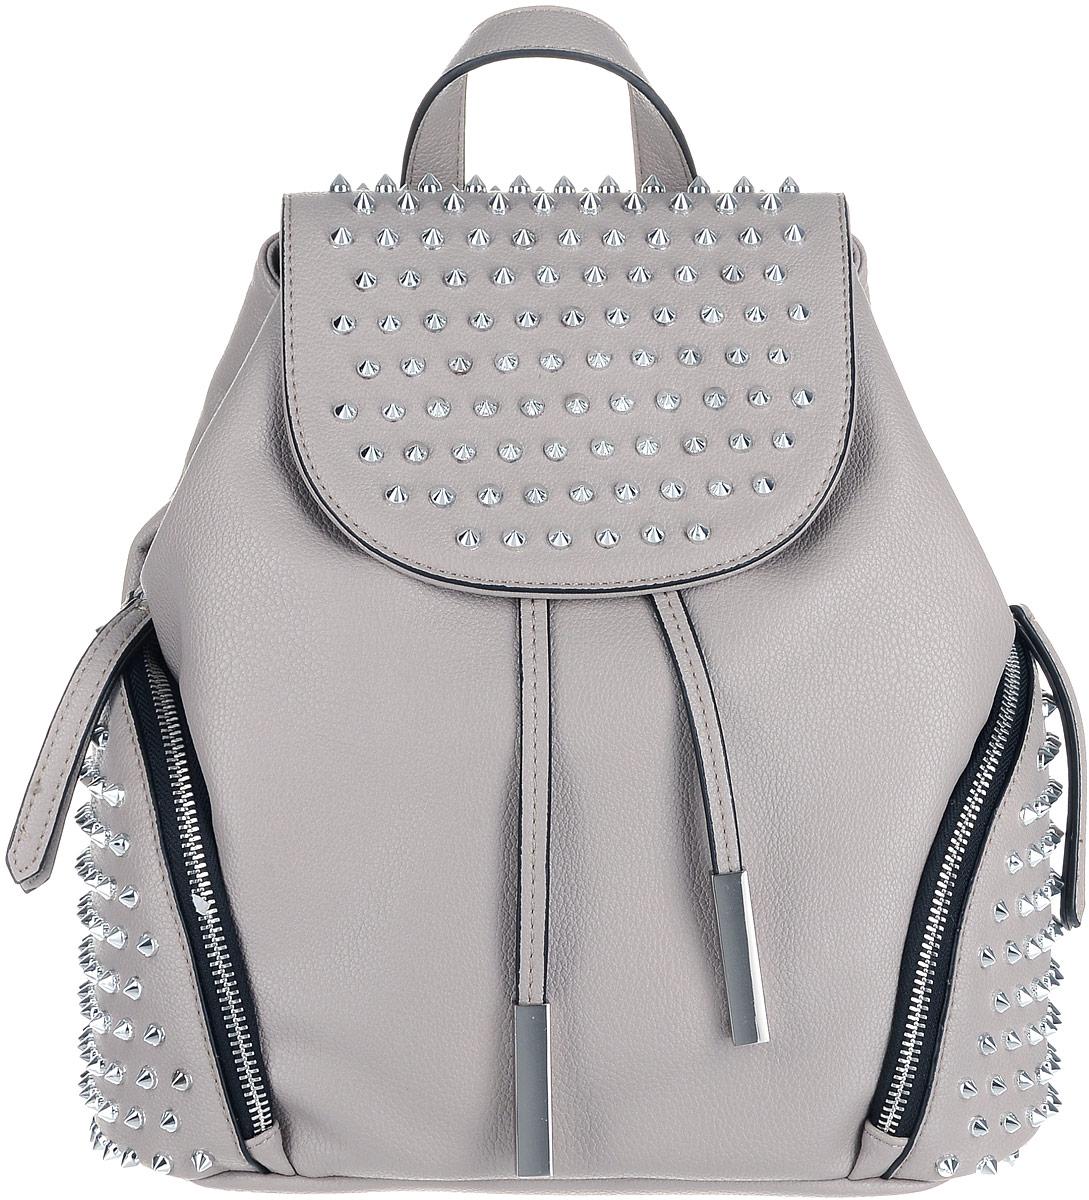 Рюкзак женский OrsOro, цвет: тауп. D-260/3BP-001 BKЭкстравагантный женский рюкзак на затяжках и с крышкой-клапаном на магнитной кнопке, заставит обратить на себя внимание. Изделие имеет одно отделение, два боковых кармана на молнии. Внутри отделения находятся два накладных кармашка под сотовый телефон или для мелочей и один прорезной карман на застежке-молнии. Оригинальный дизайн глам панк выражают металлические шипы на крышке-клапане и боковых карманах рюкзака. Рюкзак обладает удобной ручкой сверху для переноски и двумя регулируемыми плечевыми ремнями-лямками.